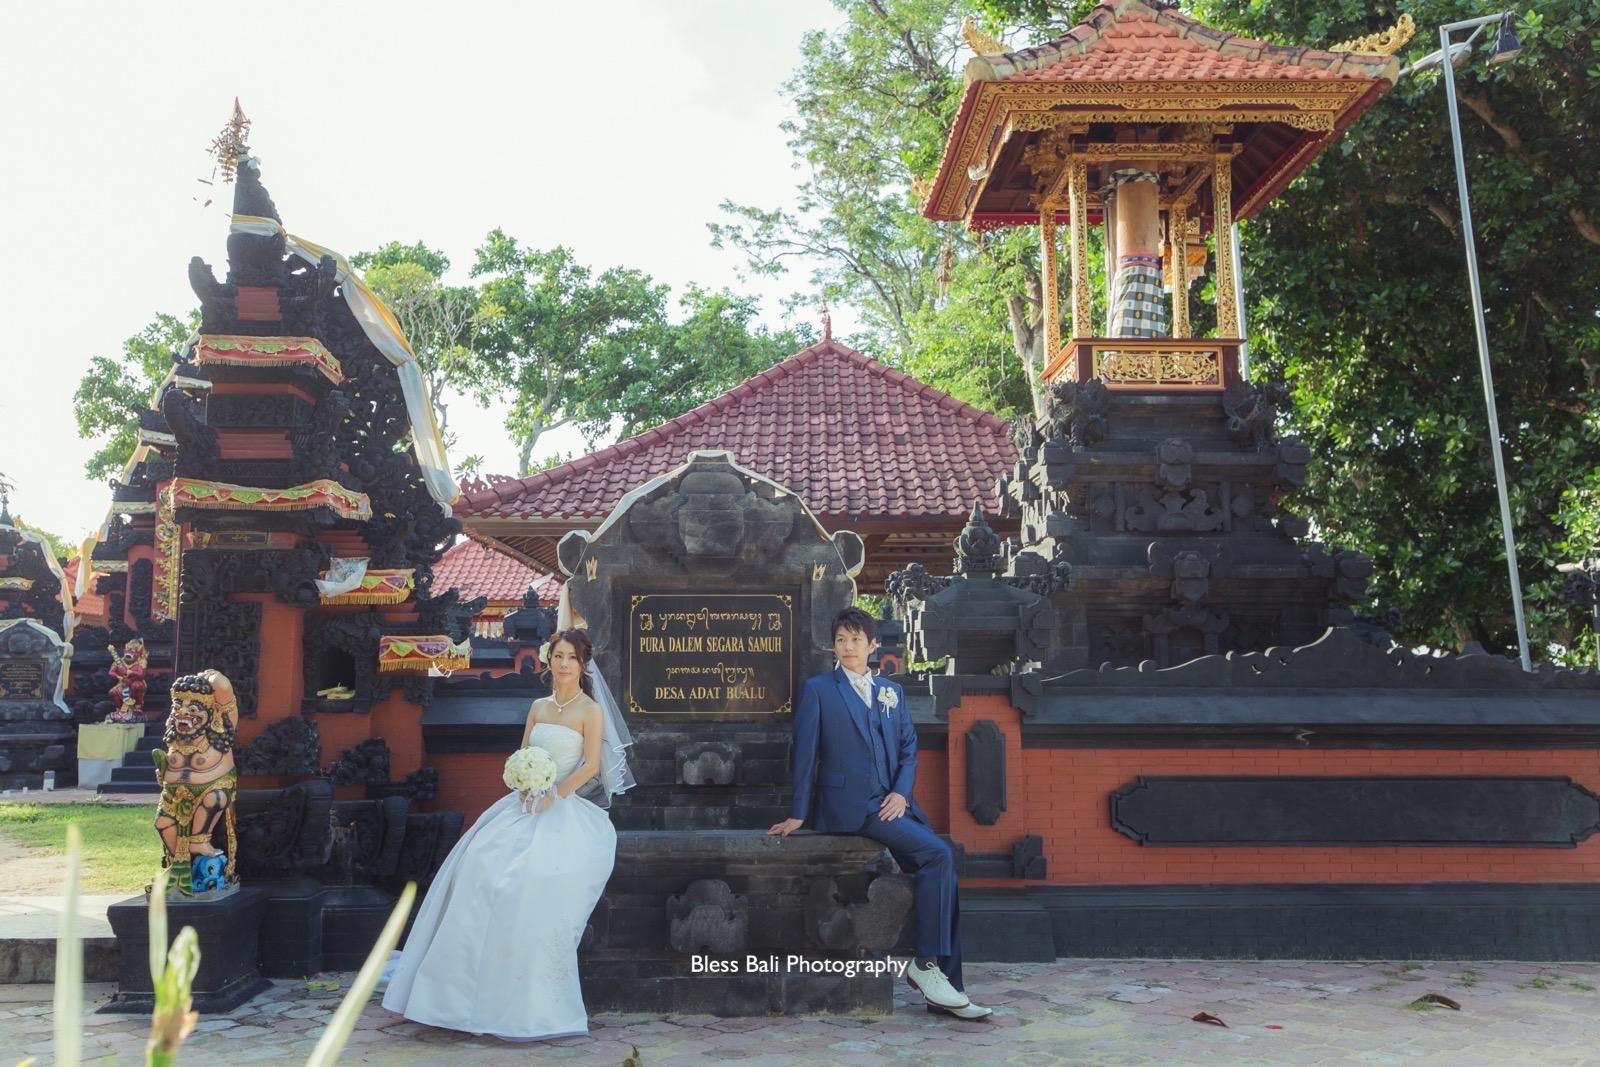 バリ寺院の前で